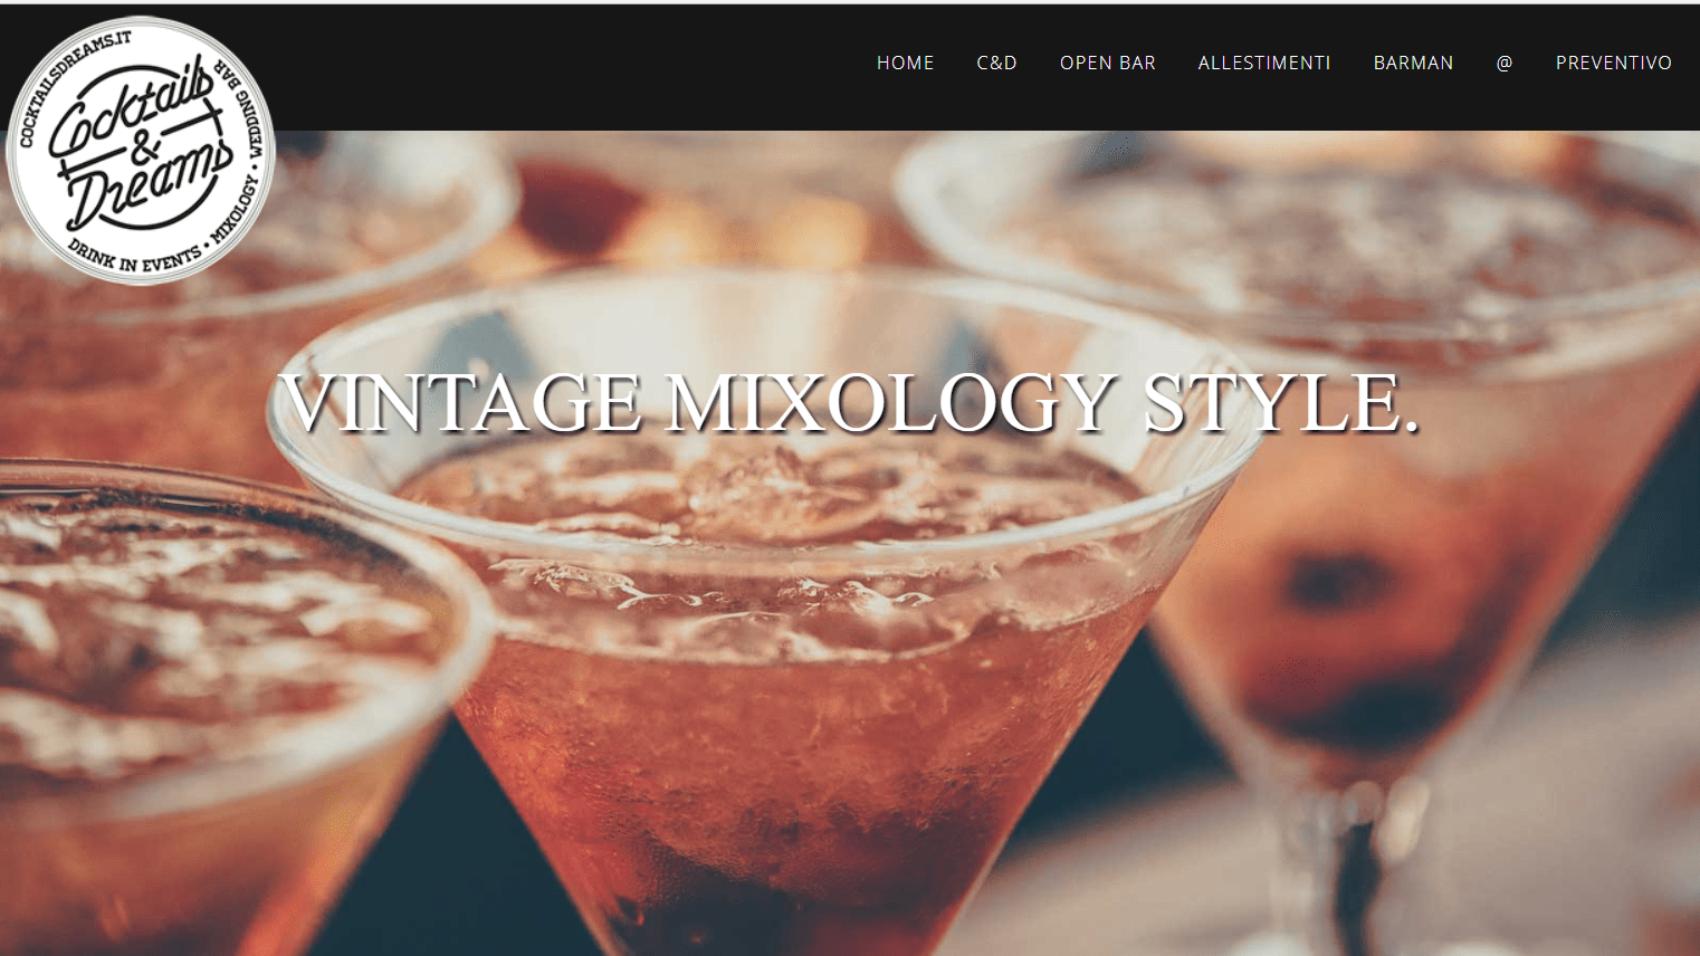 siti web lodi nuovo sito cocktailsdreams